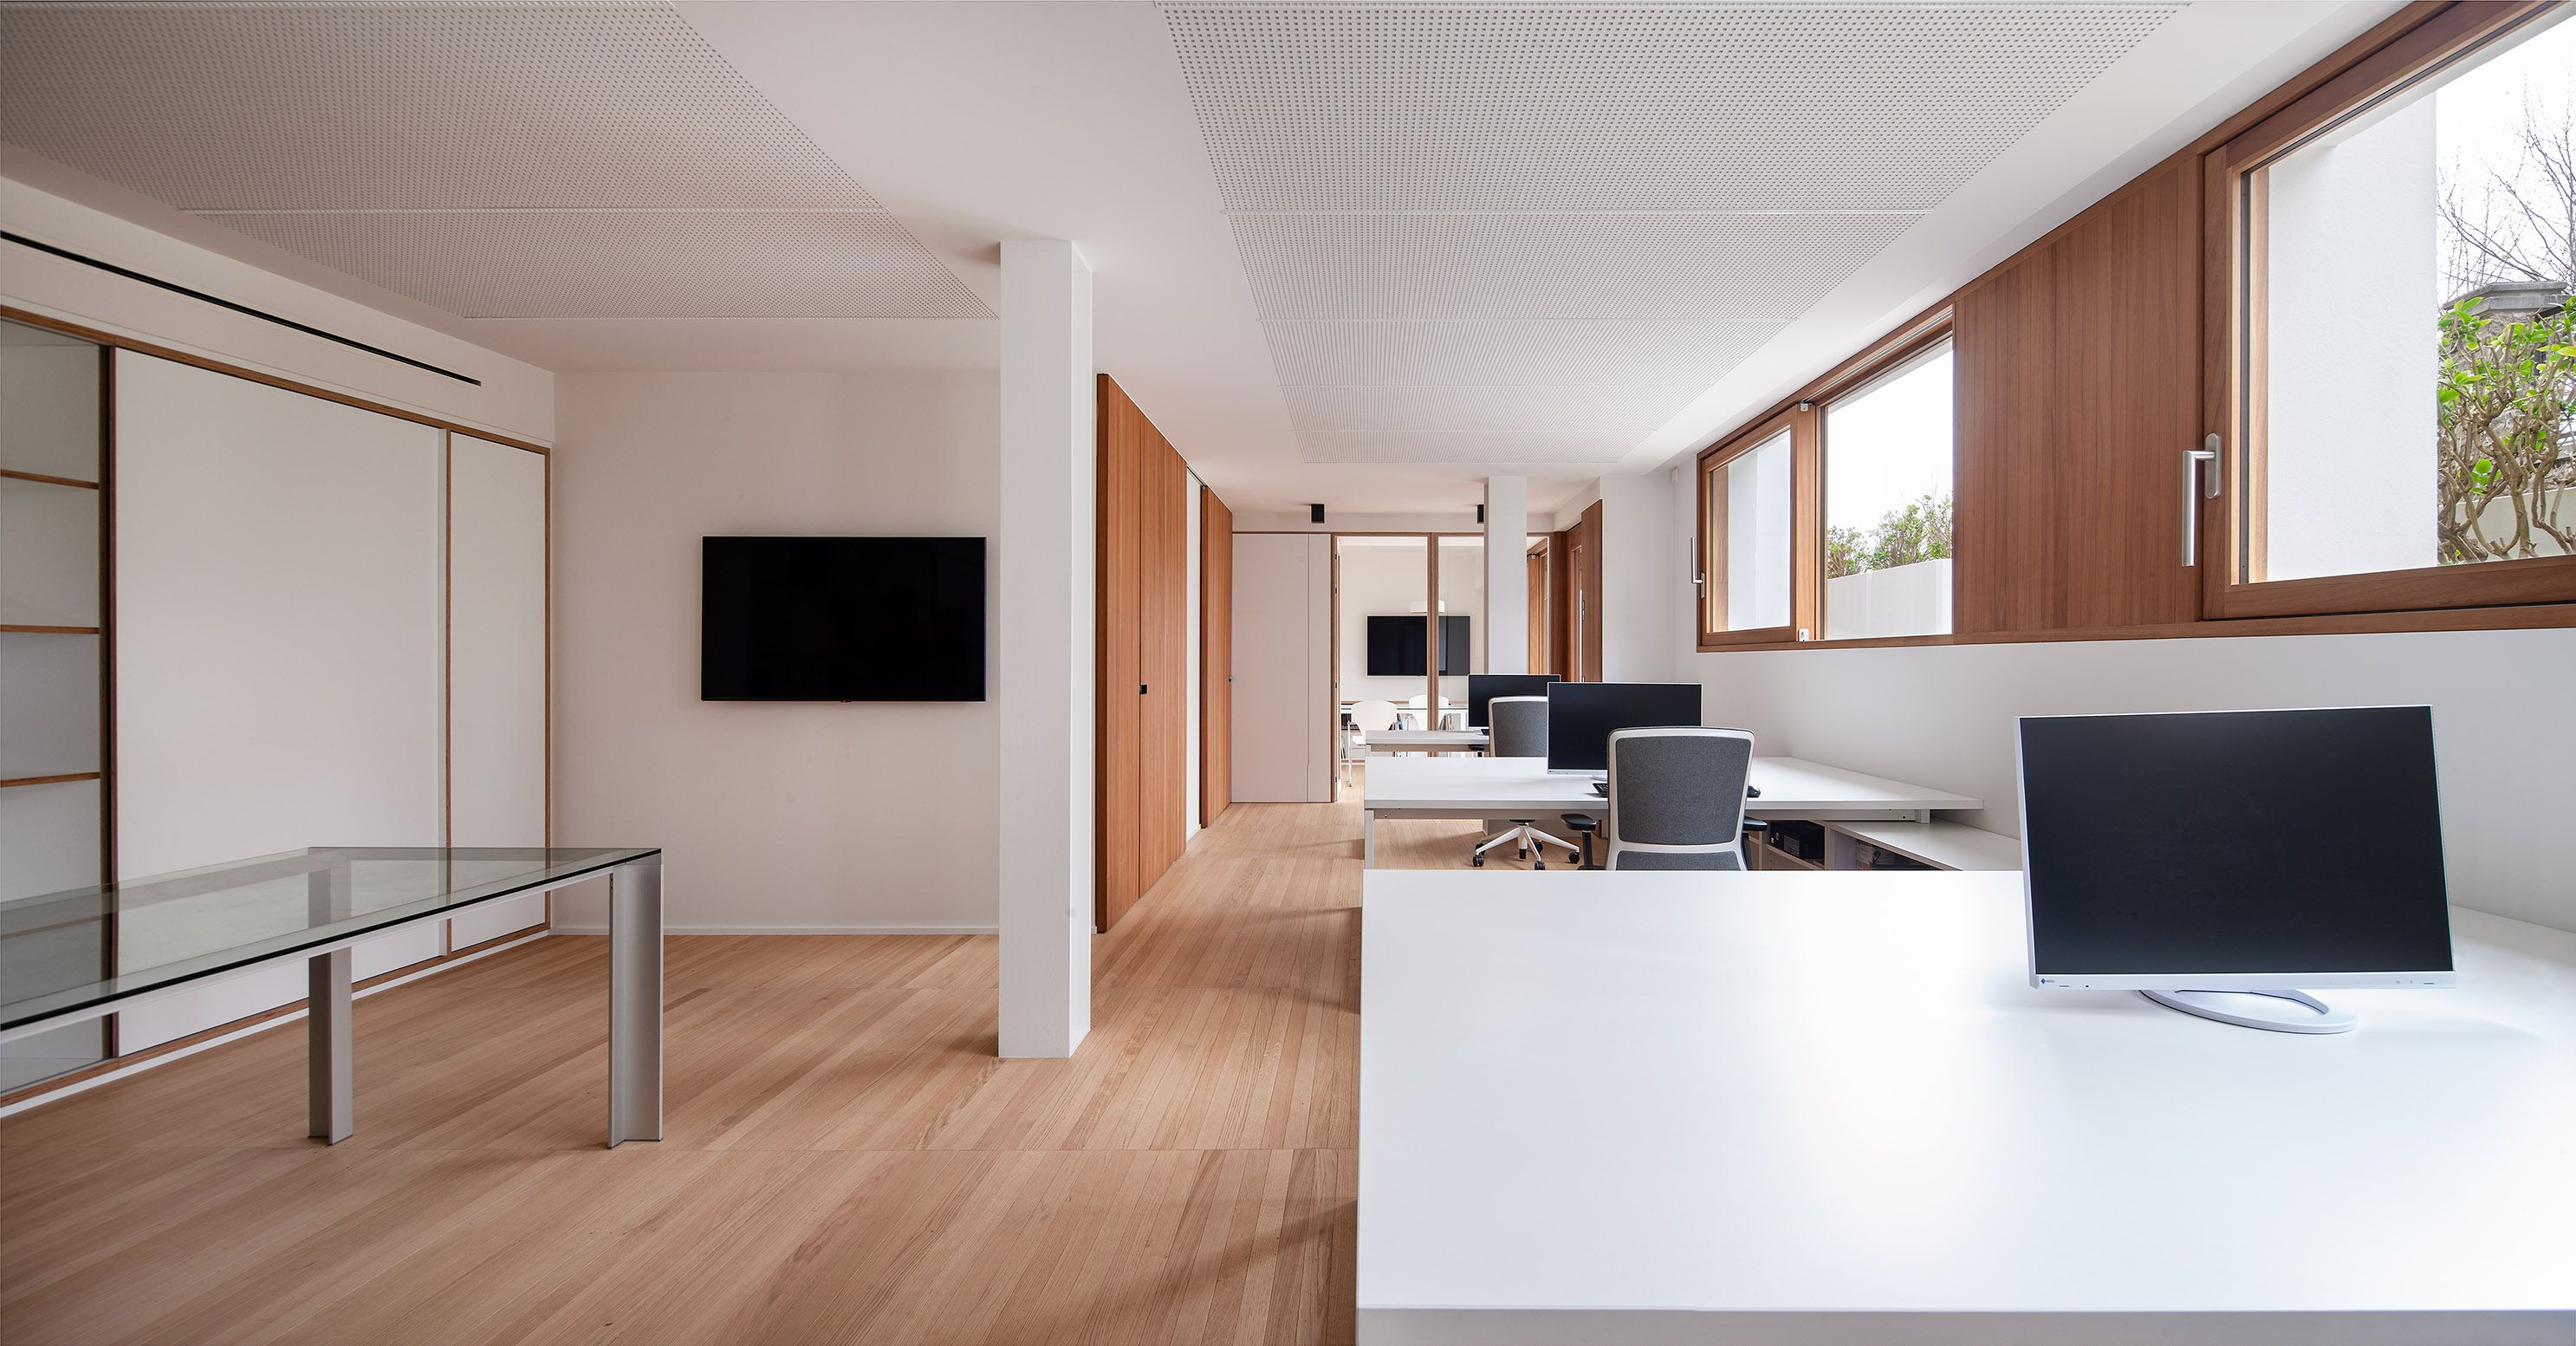 Estudio con suelo, paredes y ventanas de madera